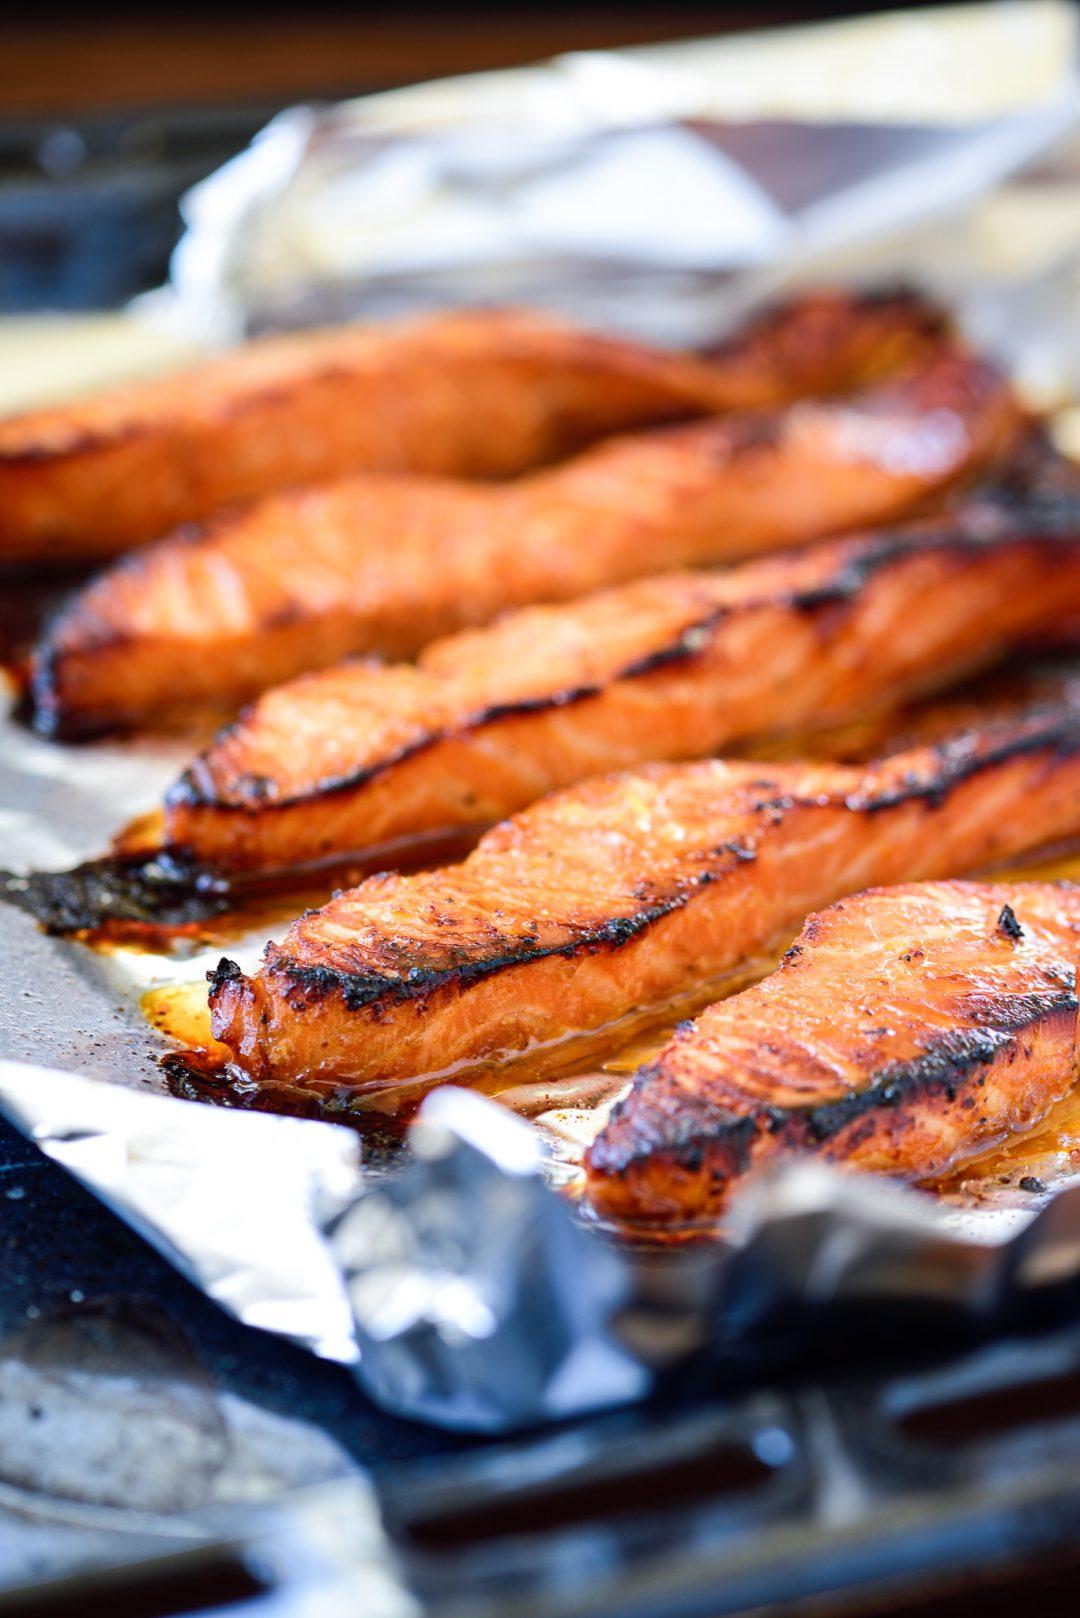 DSC9815 3 1 e1621715654419 - 10 Korean BBQ Recipes